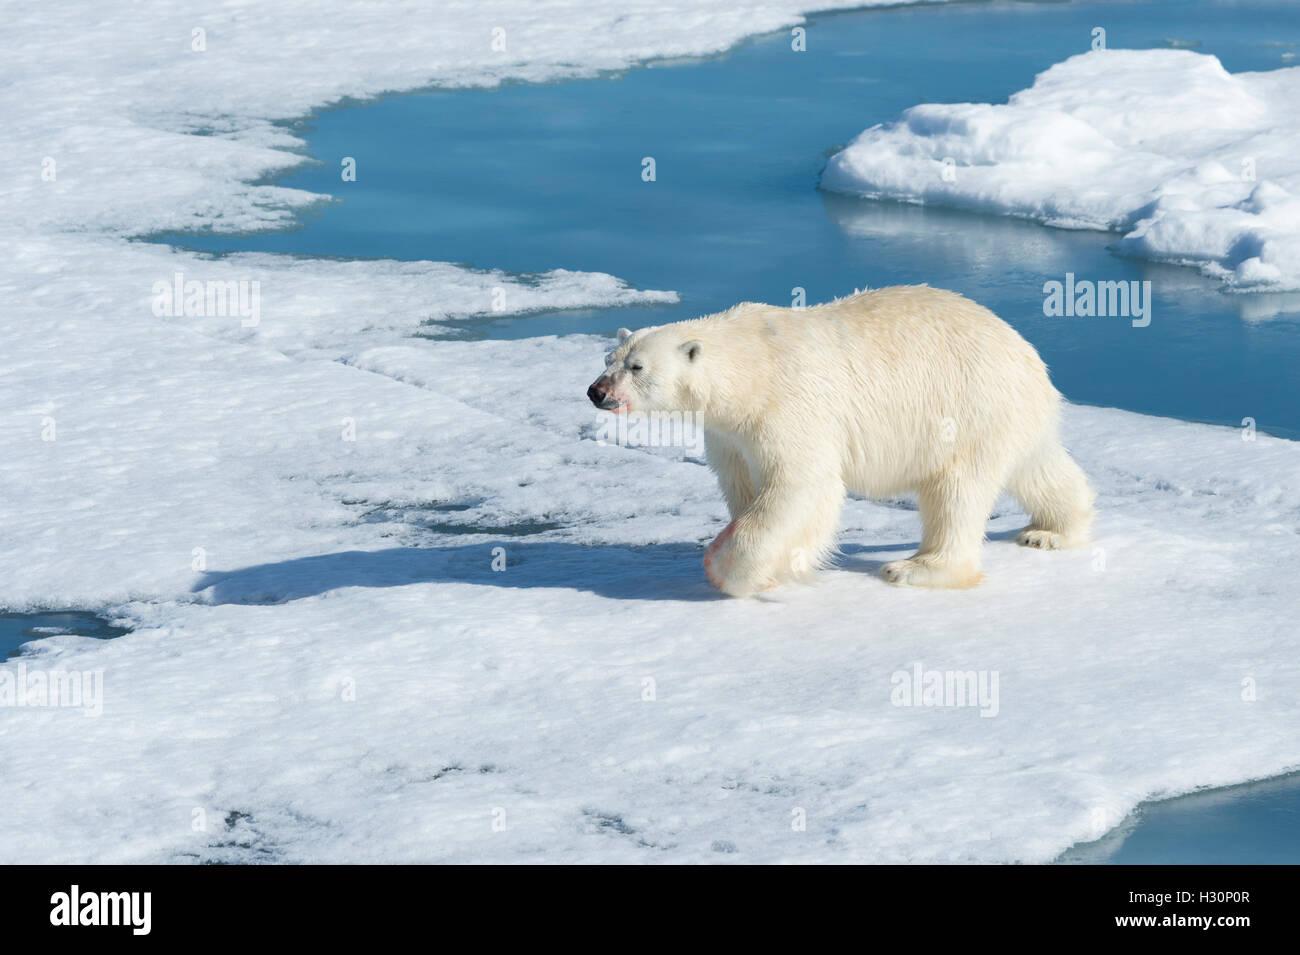 Mâle Ours polaire (Ursus maritimus) marche sur la banquise, l'île du Spitzberg, archipel du Svalbard, Photo Stock